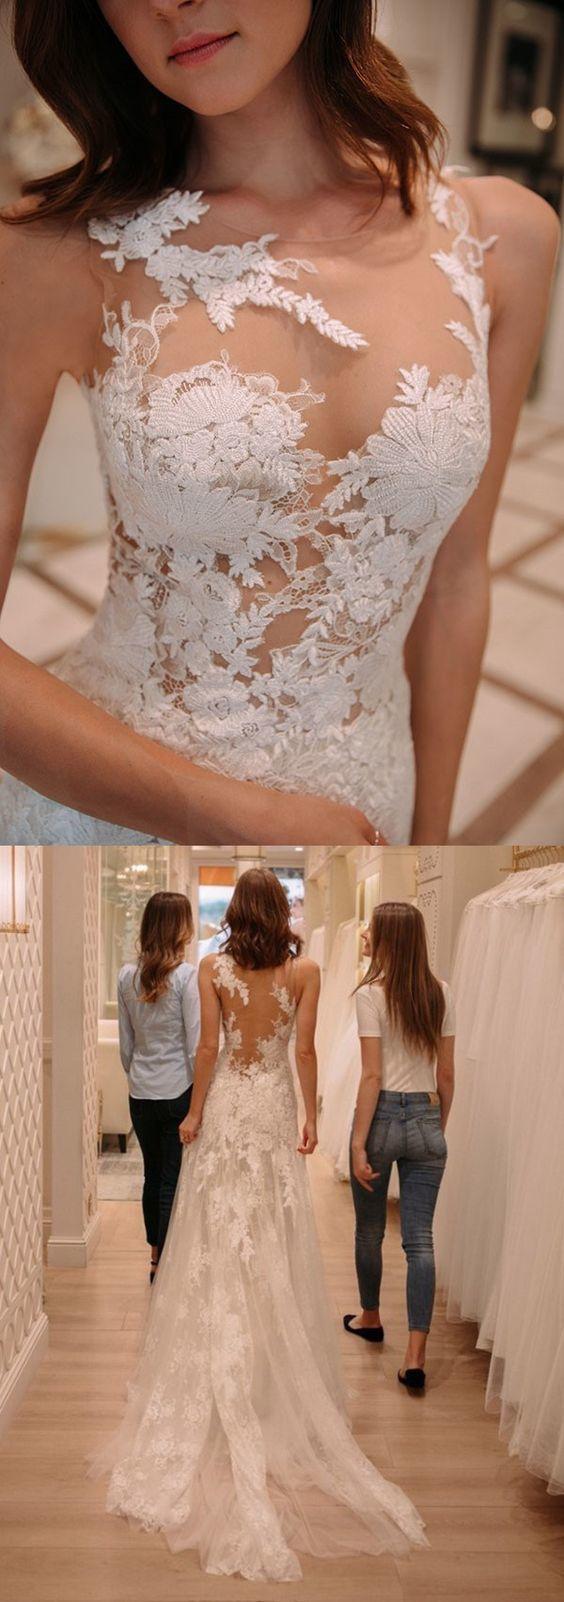 Spitze Brautkleider  Brautkleid spitze, Brautkleid und Kleid hochzeit